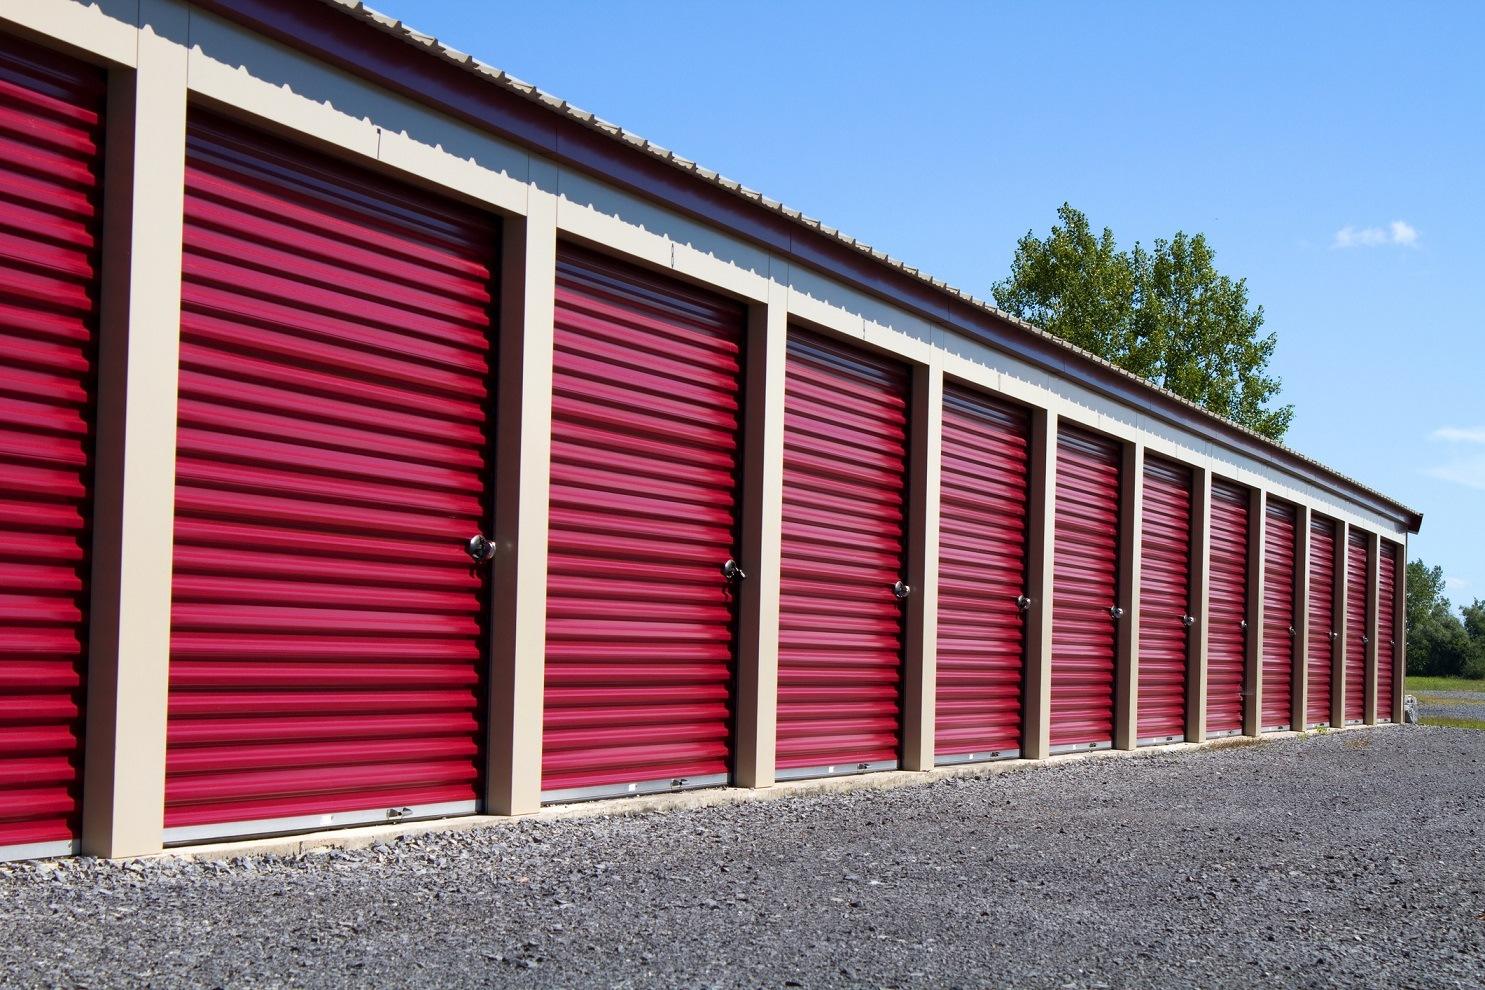 Red Mini Self Storage Rental Units